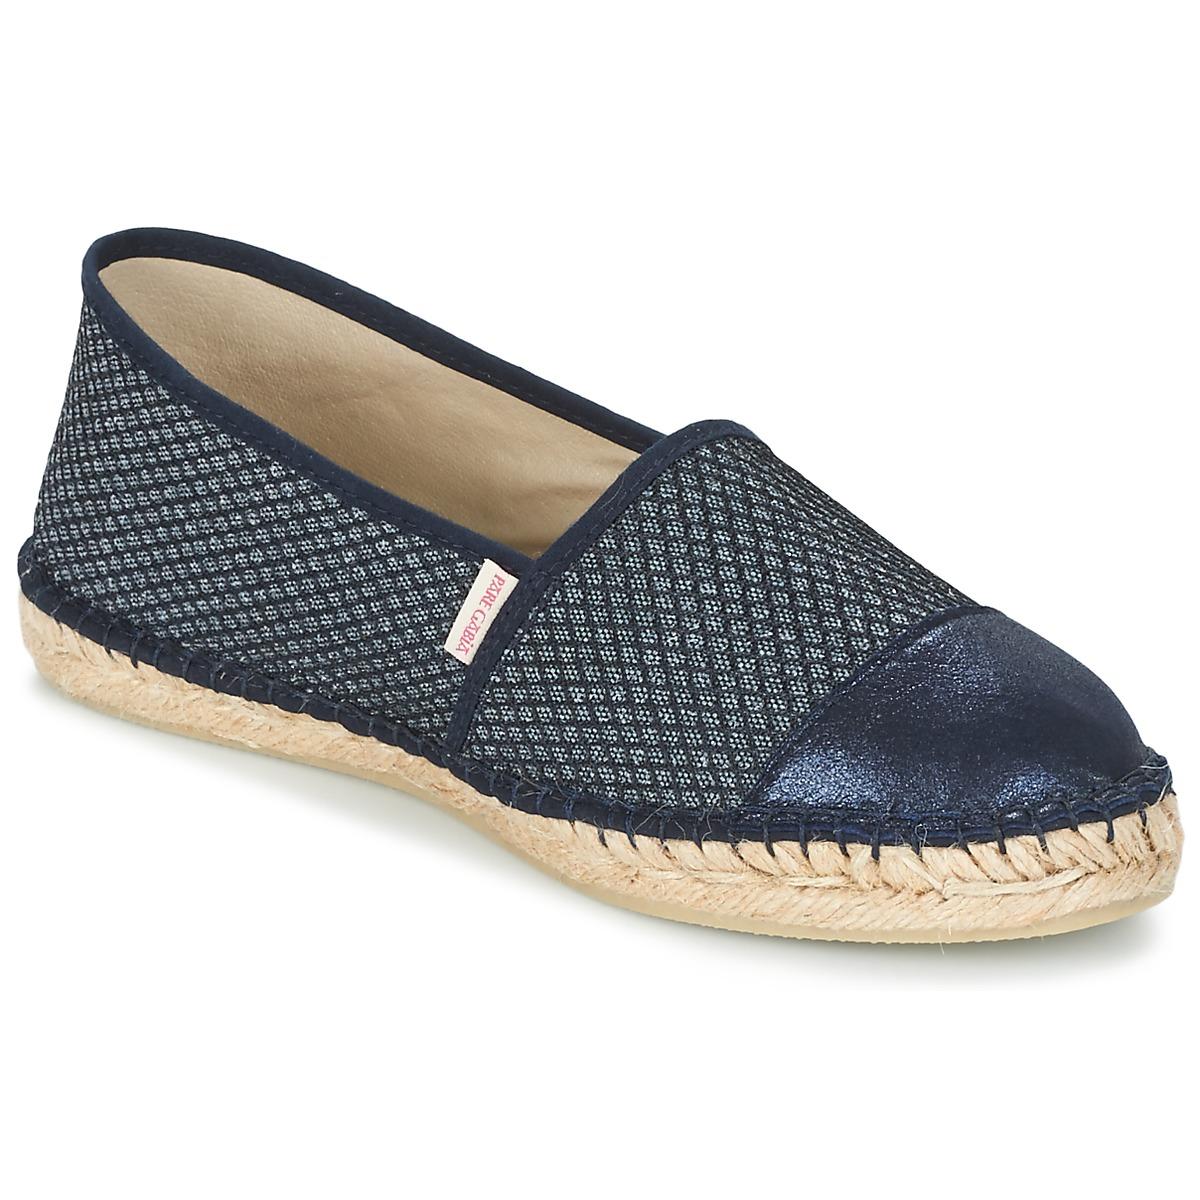 Pare Gabia VP PREMIUM Marine - Kostenloser Versand bei Spartoode ! - Schuhe Leinen-Pantoletten mit gefloch Damen 55,19 €